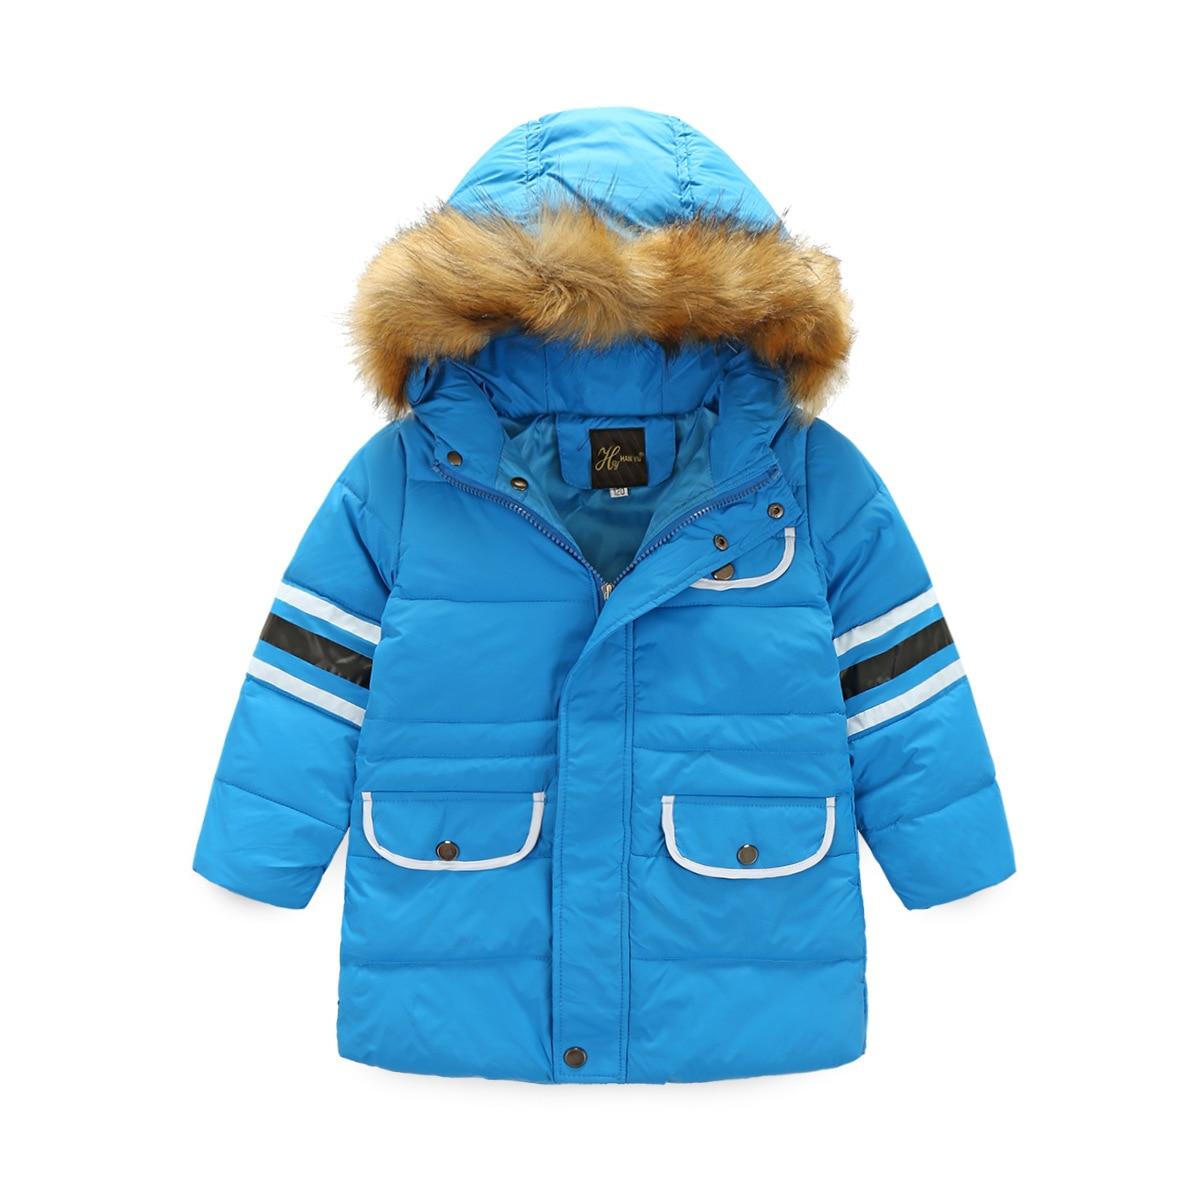 Moda Boys Kabanlar Sıcak Palto Kızlar uzun Giyim Kış Aşağı Yastıklı Ceketler Casual Parkas Kapşonlu Kalınlaşmış Çocuklar Giyim